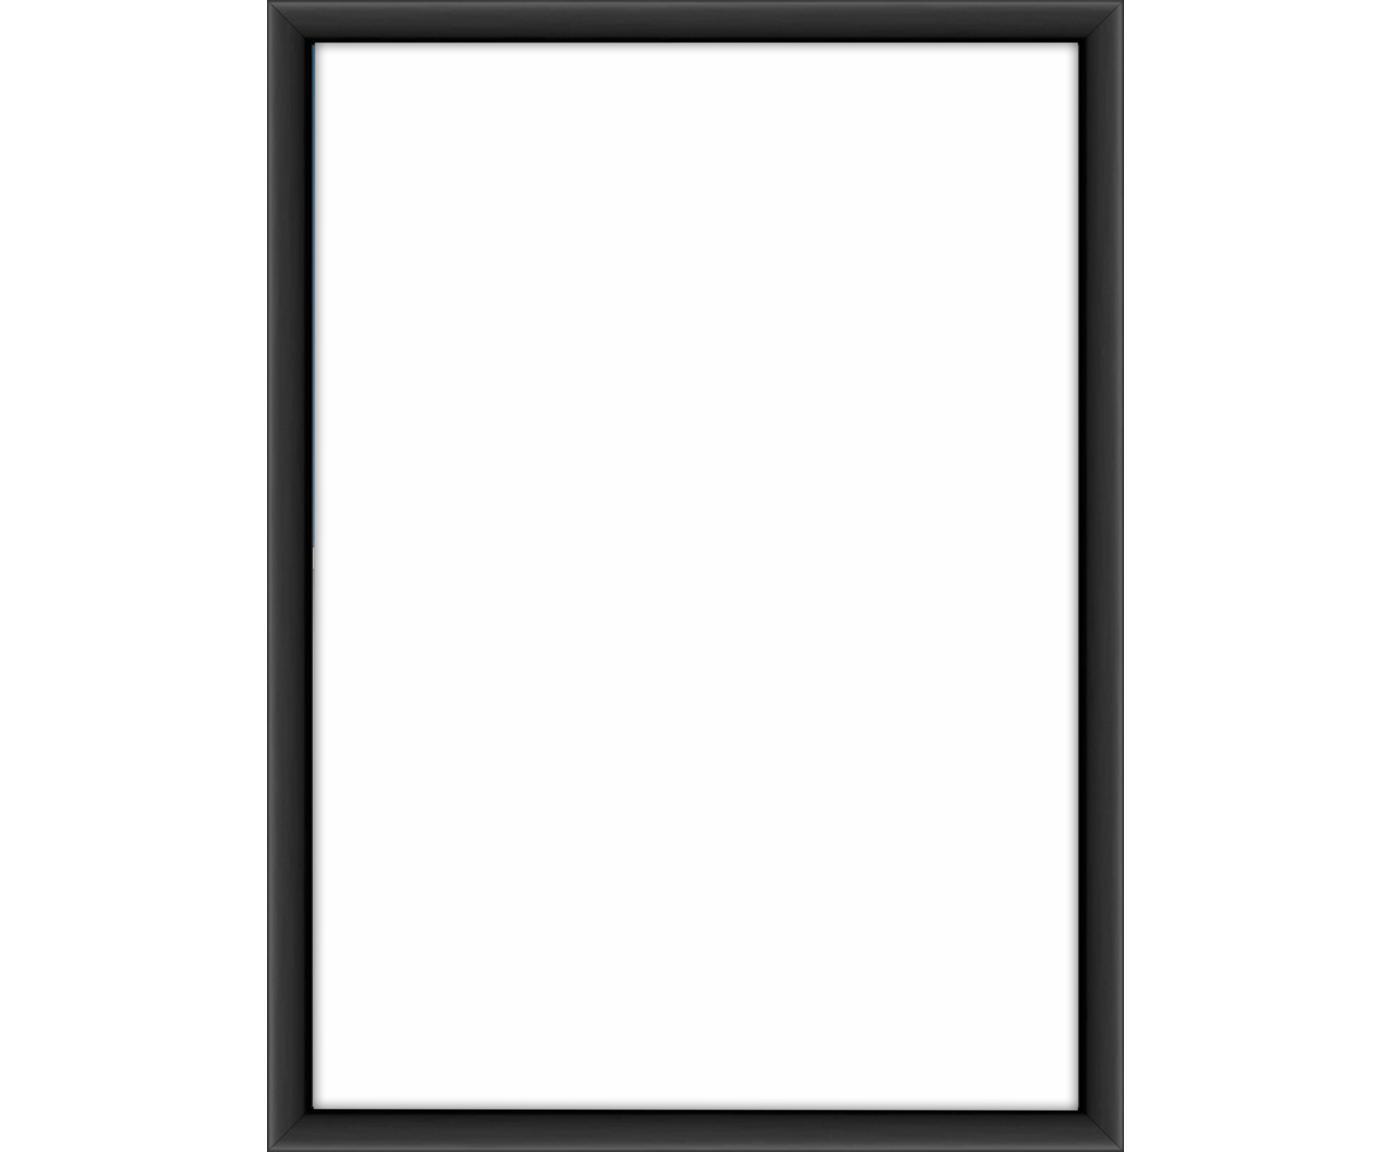 Ramka na zdjęcia Accent, Czarny, 15 x 20 cm